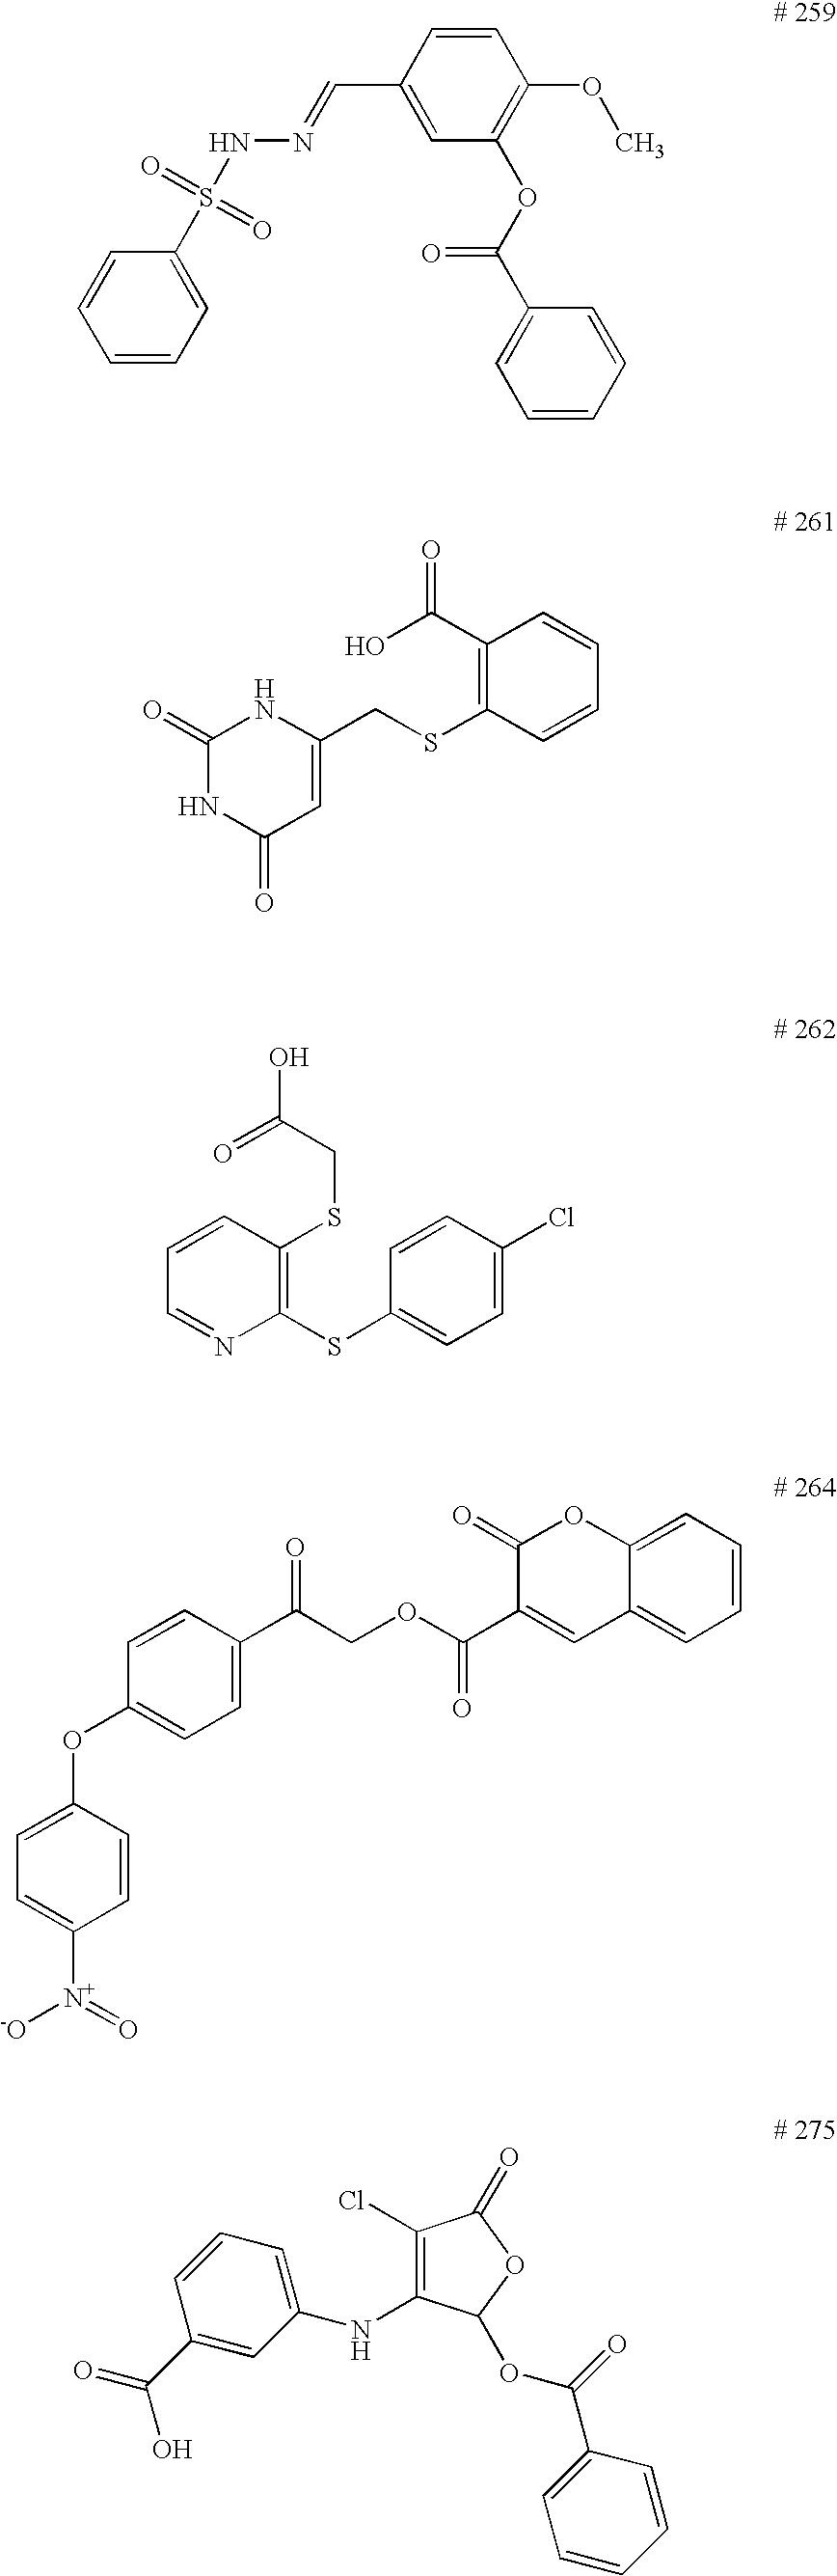 Figure US20070196395A1-20070823-C00161